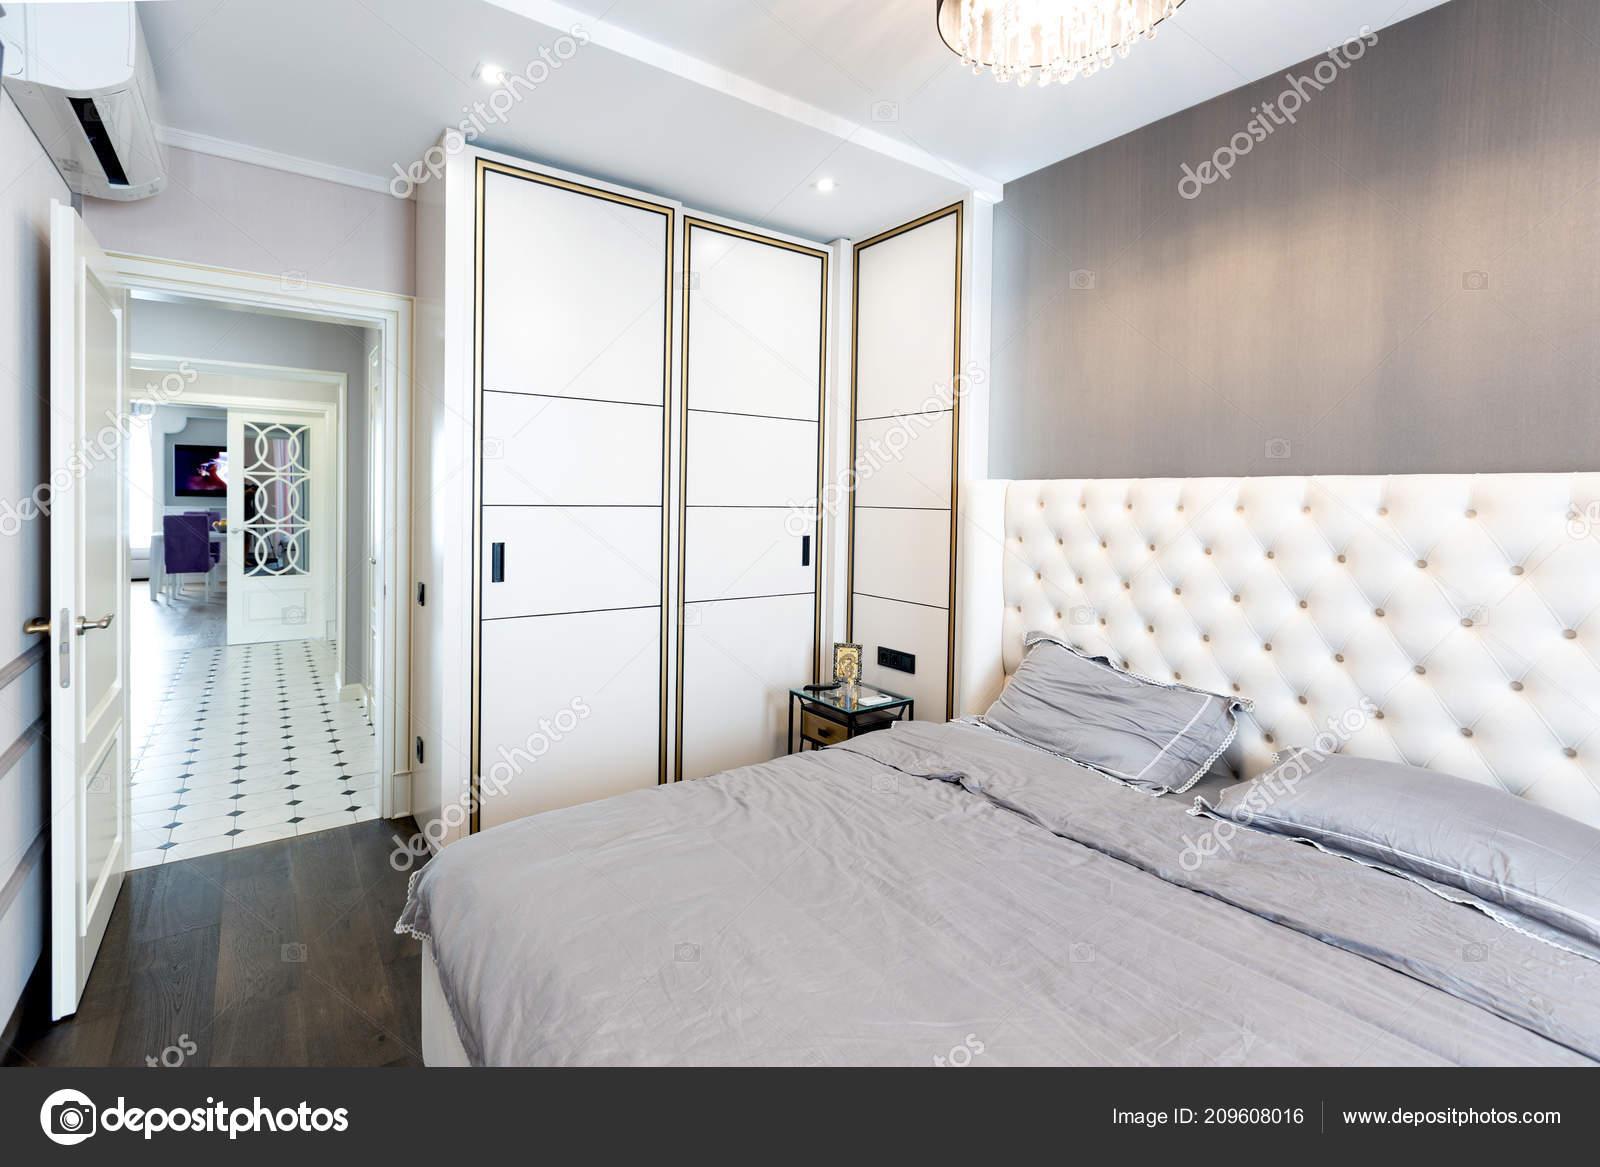 Moderne slaapkamer interieur met een groot bed een kroonluchter